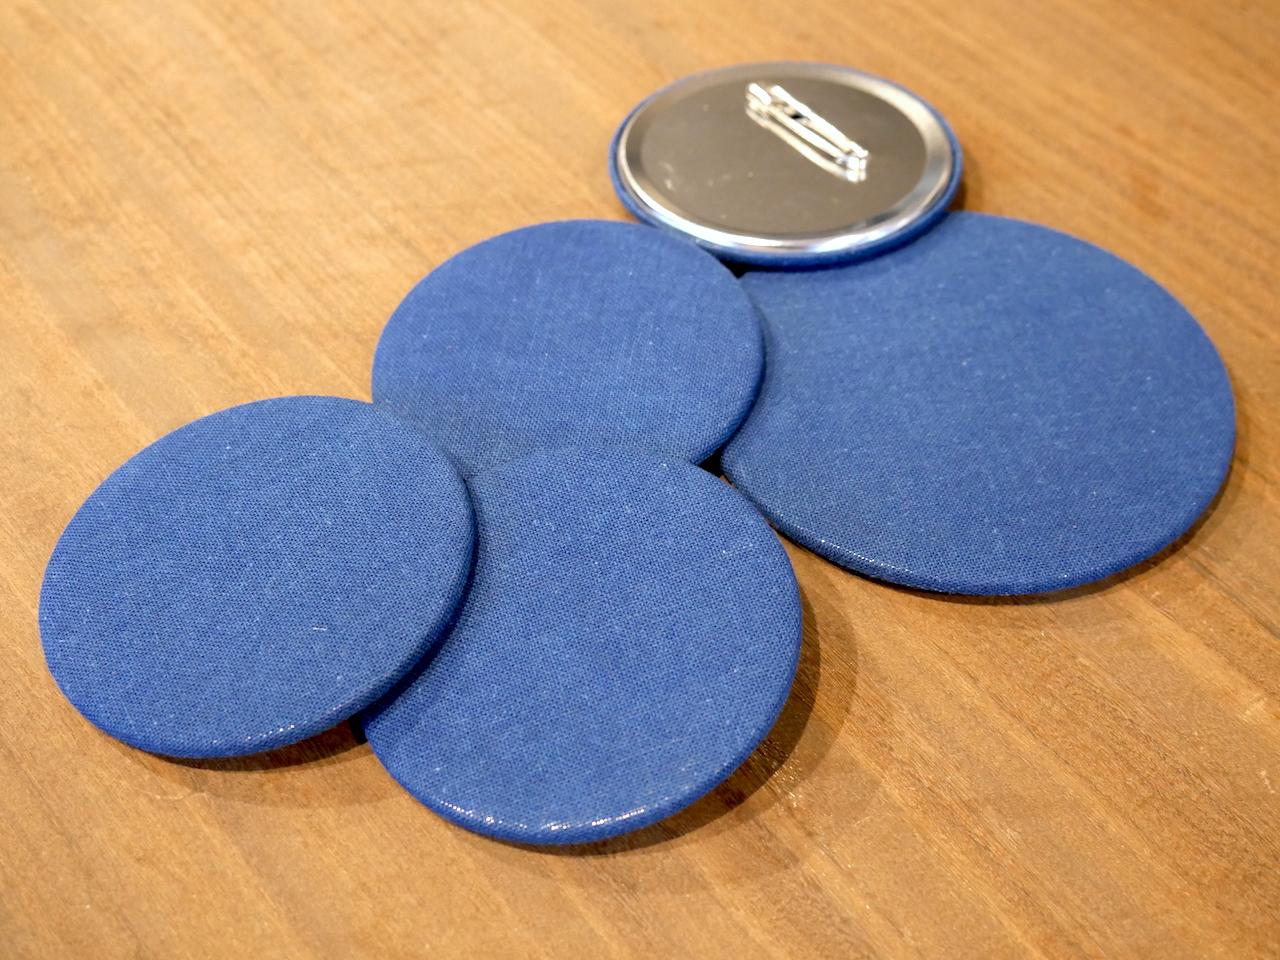 あなただけのオリジナル藍染アイテムをお作りいただけます!